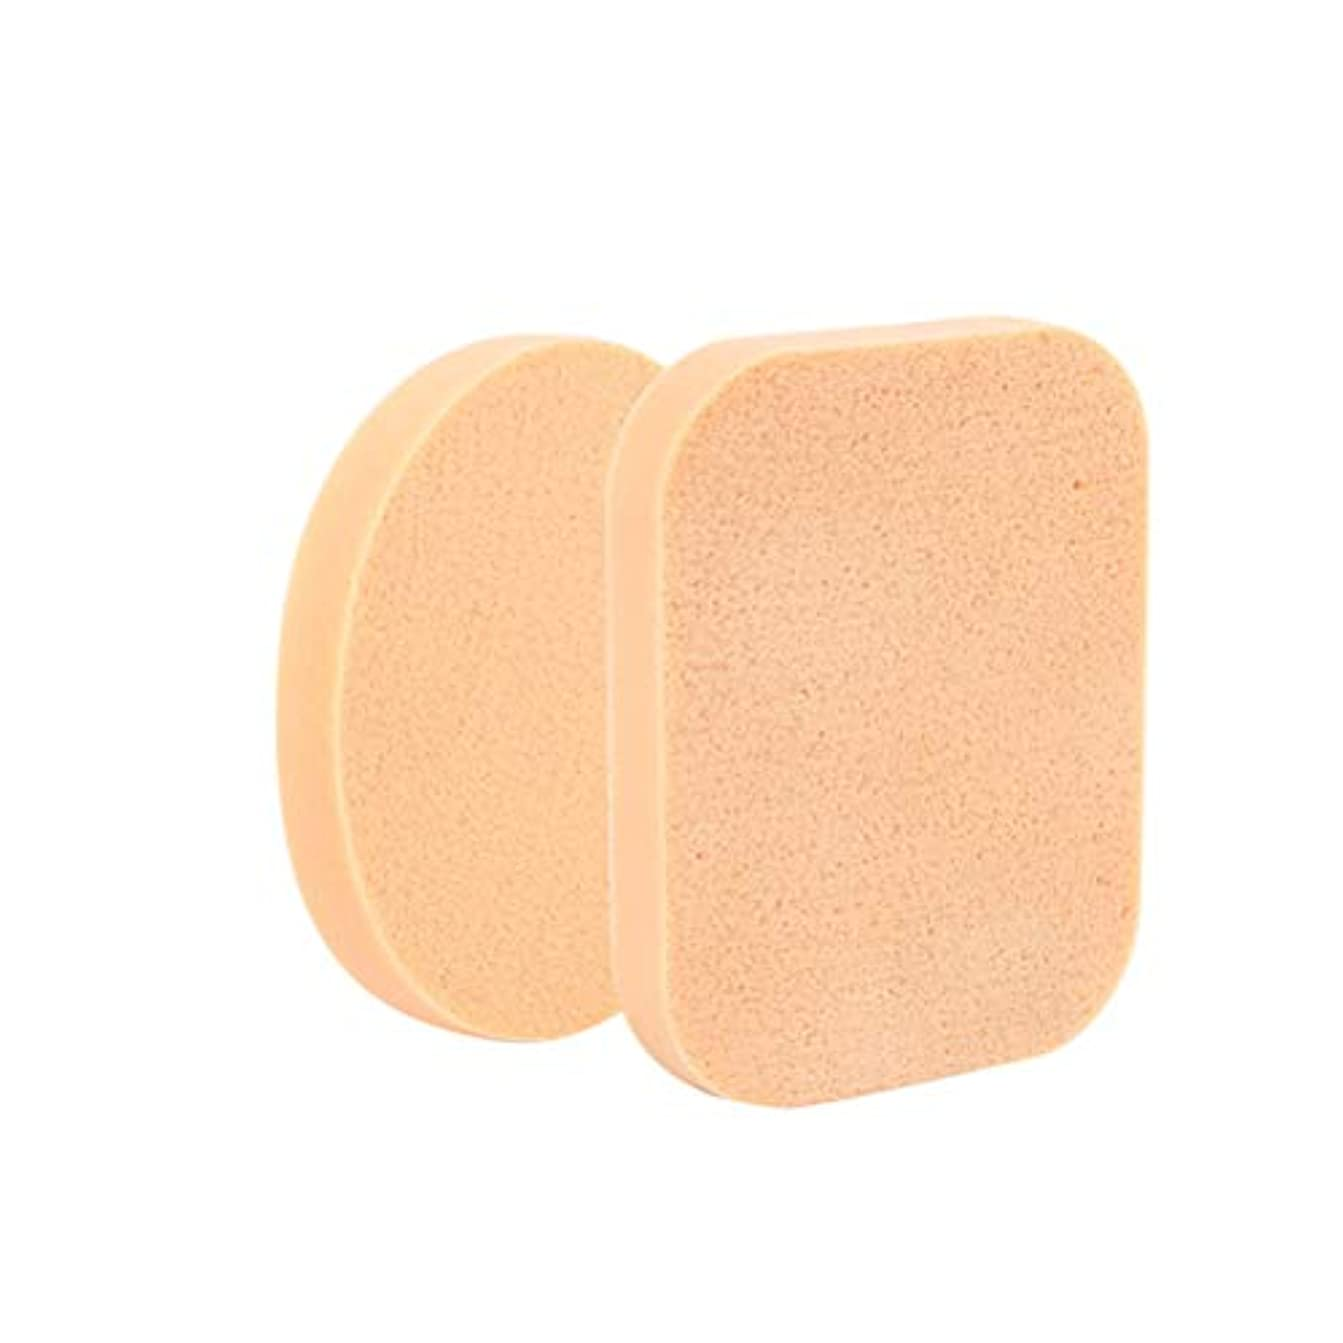 まっすぐやむを得ない岩HEALIFTY 8ピース化粧品パフスポンジ洗顔スポンジフェイスケアクレンジングメイク落としツール